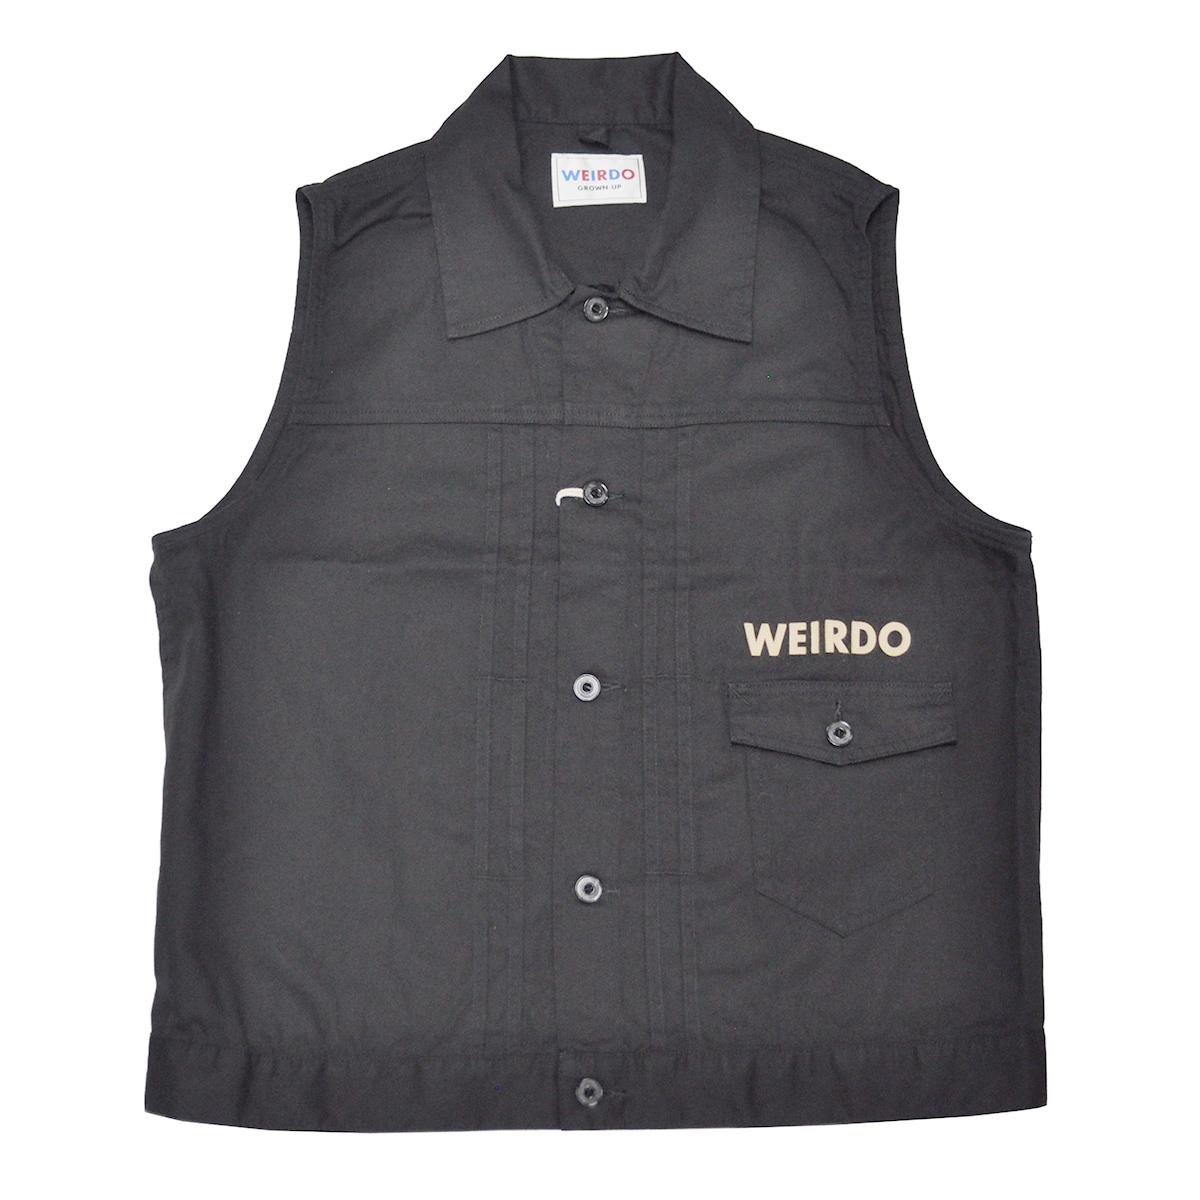 【残りSサイズのみ】WEIRDO ROAD FREAK - VEST (BLACK) ウィアード Gベスト/ワークベスト/GLADHAND【GANGSTERVILLE/ギャングスタービル/OLD CROW/オールドクロウ】